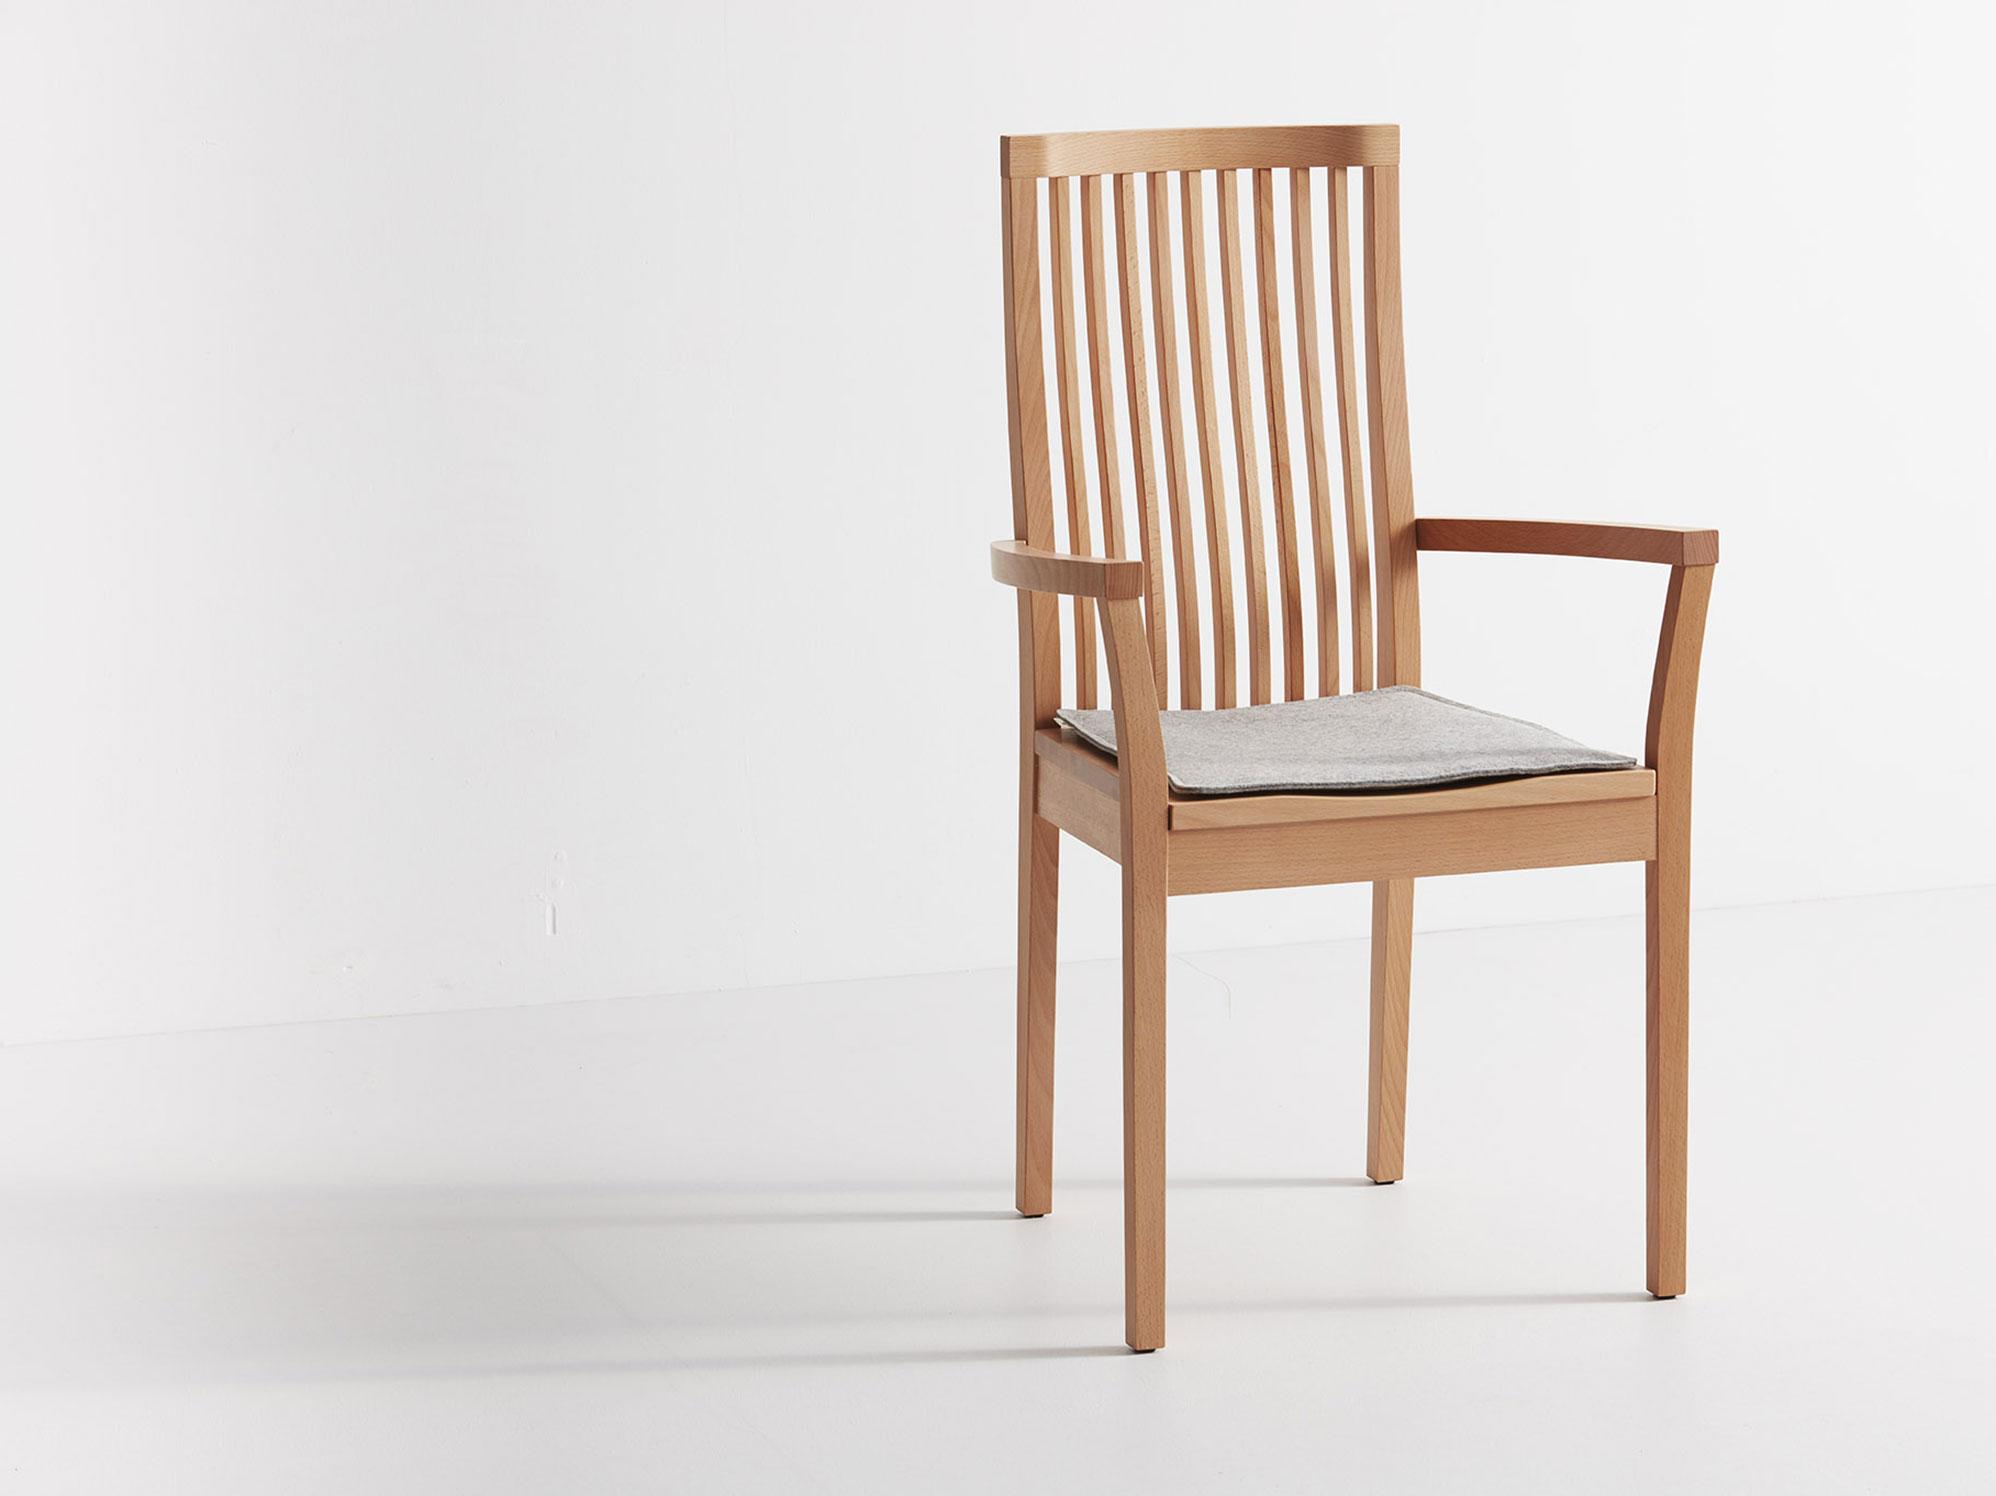 Stuhlauflage f r stuhl achill 100 schafschurwoll filz - Stuhlauflage filz ...